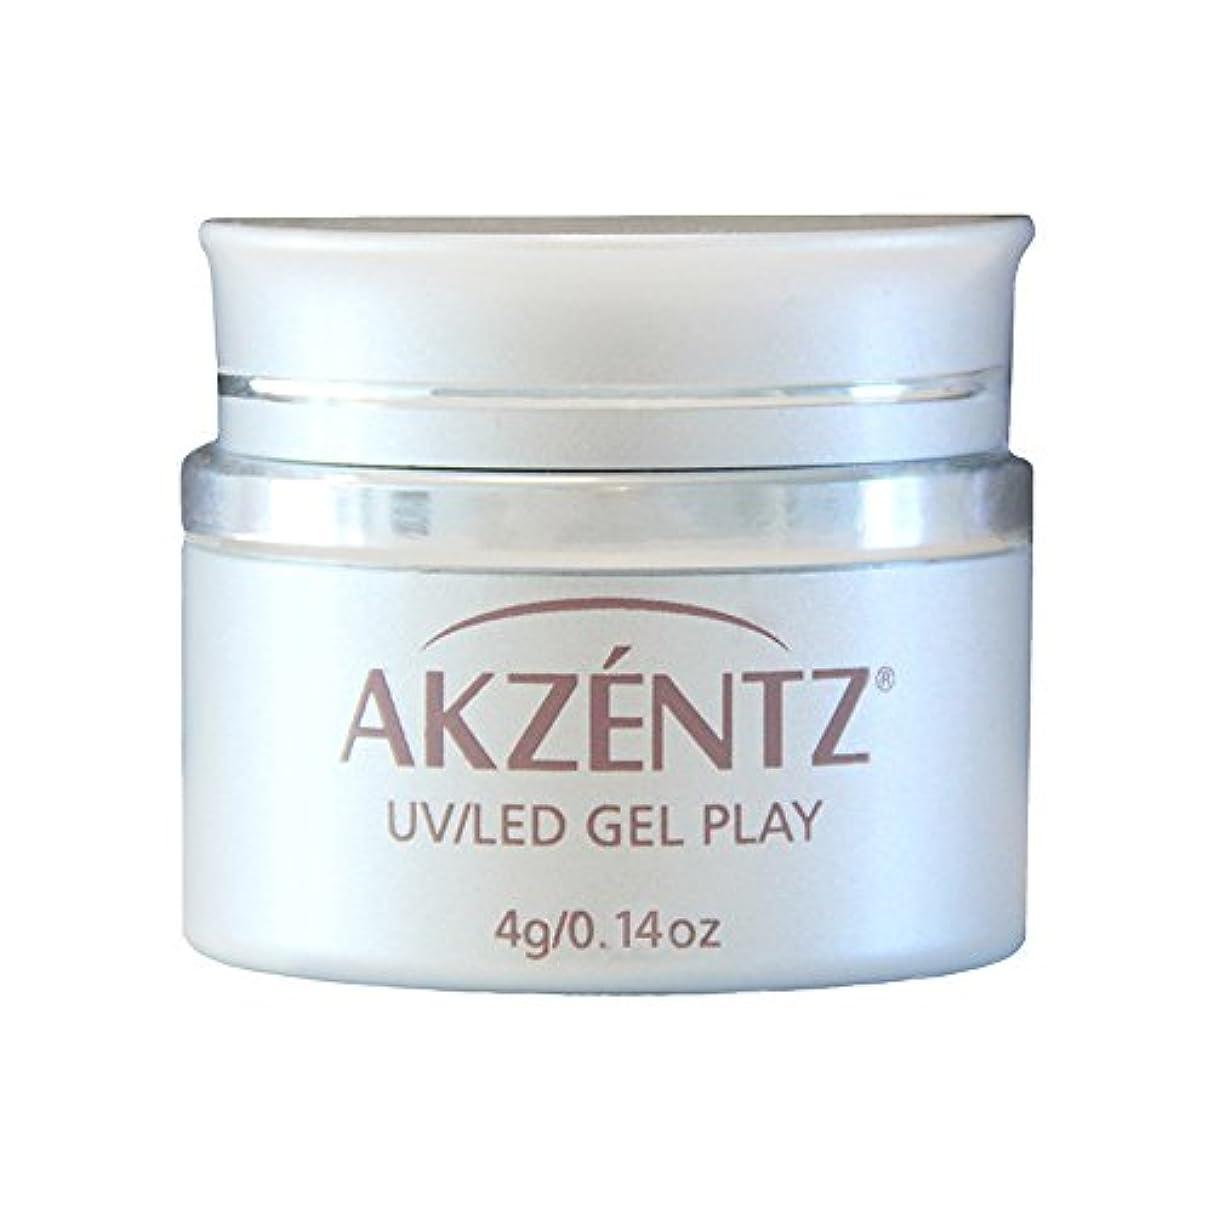 ミネラルごちそう思いやりのあるAKZENTZ カラージェル ジェルプレイ グリッター ピンクシャンパン 4g UV/LED対応